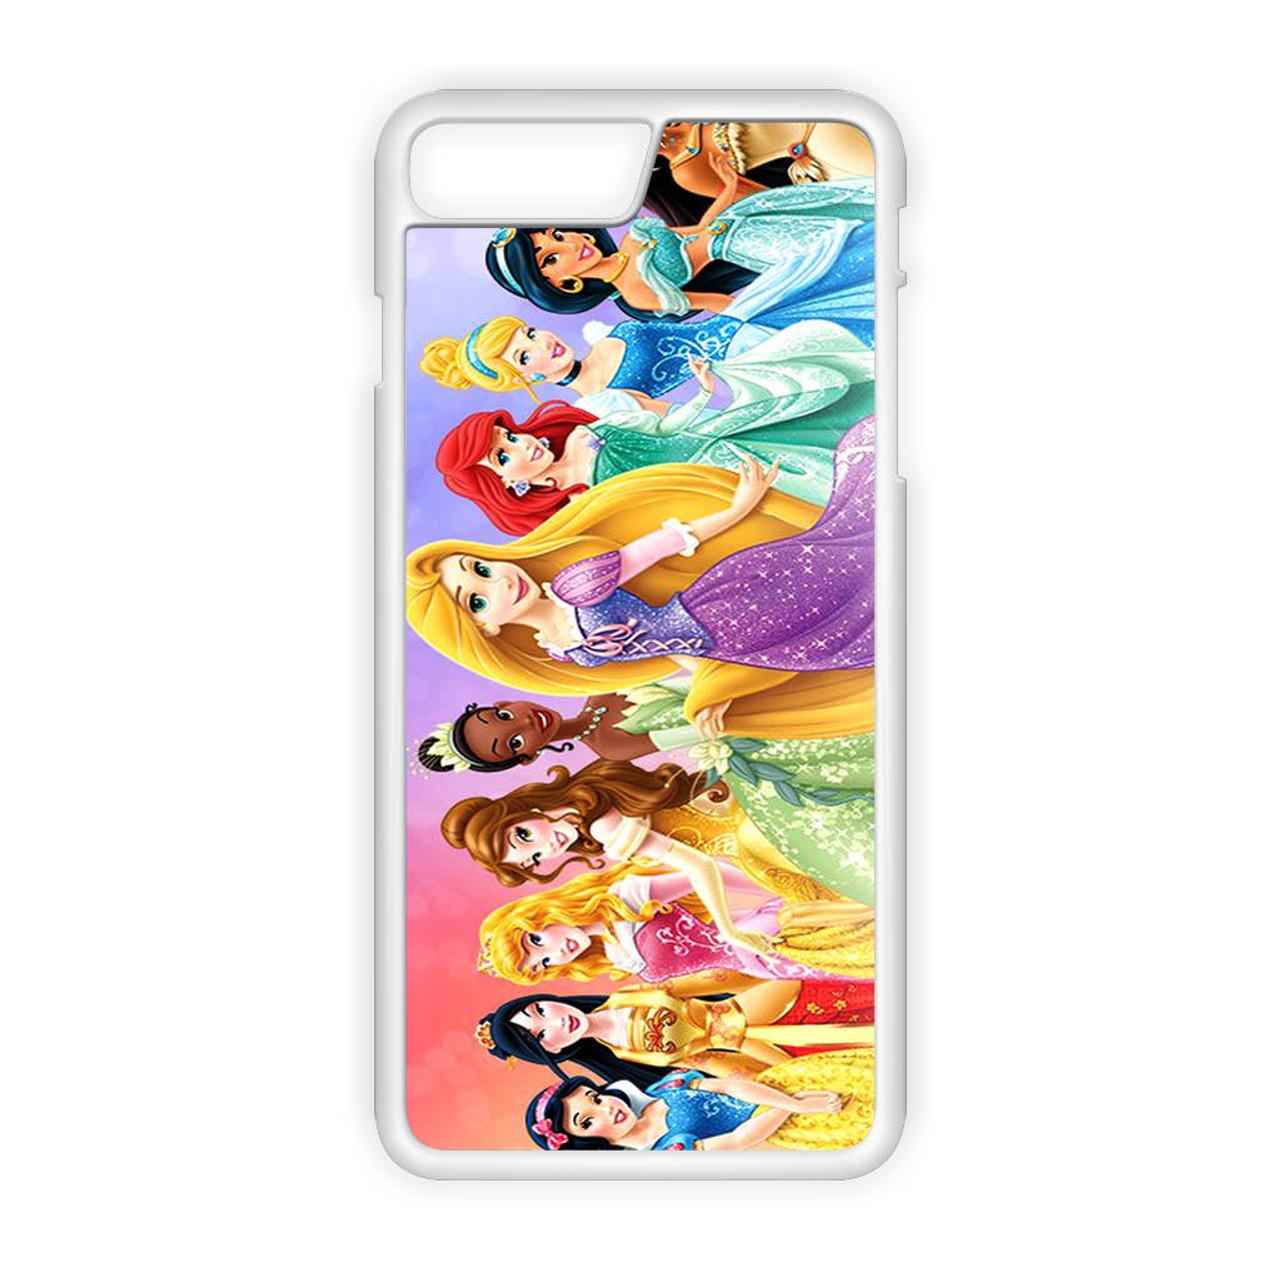 Disney Princess Rapunzel Midle iPhone 7 Plus Case